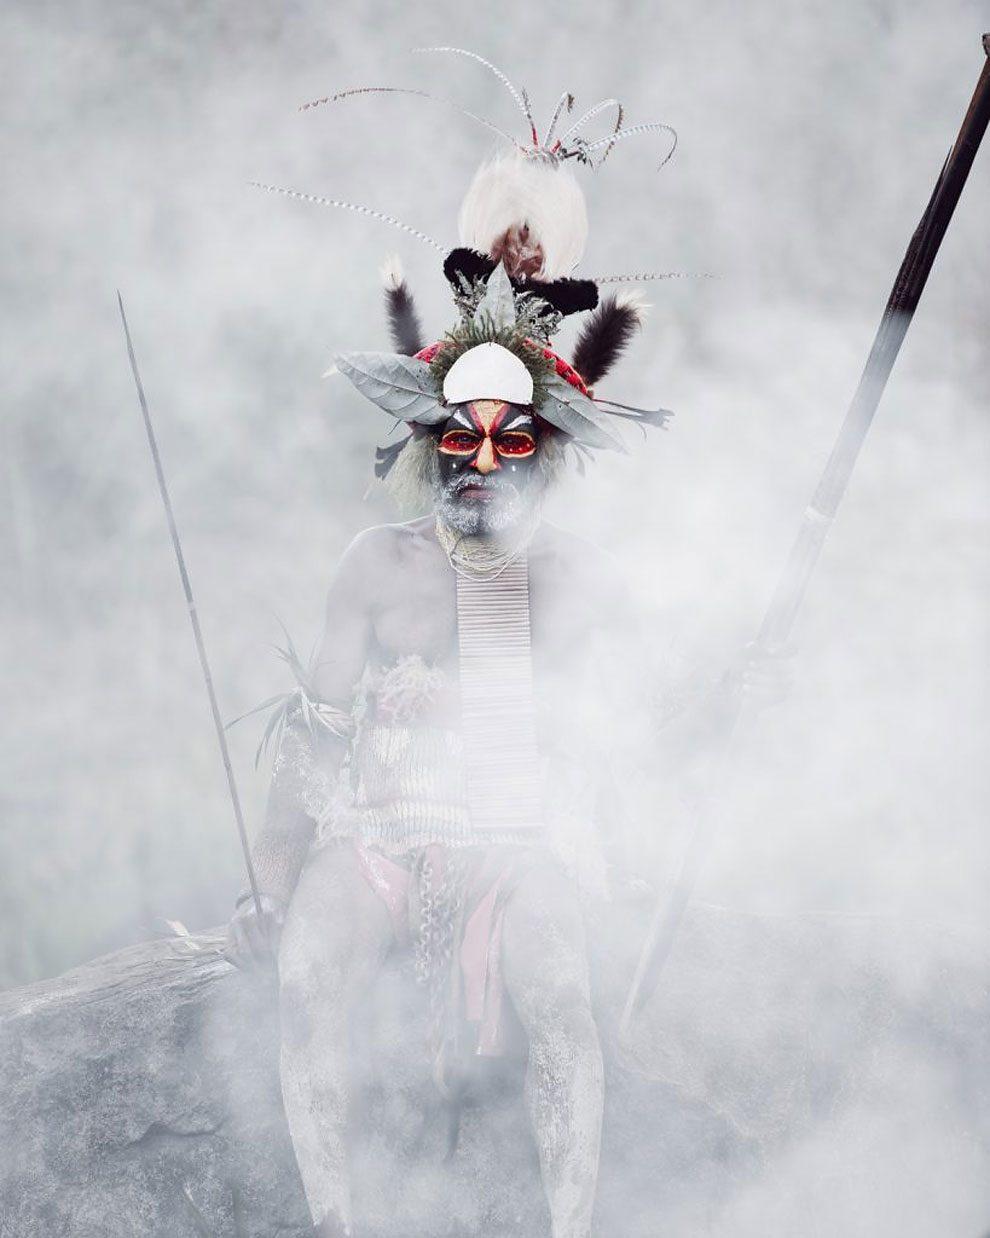 tribu-indigeni-mondo-fotografia-before-they-pass-away-jimmy-nelson-37